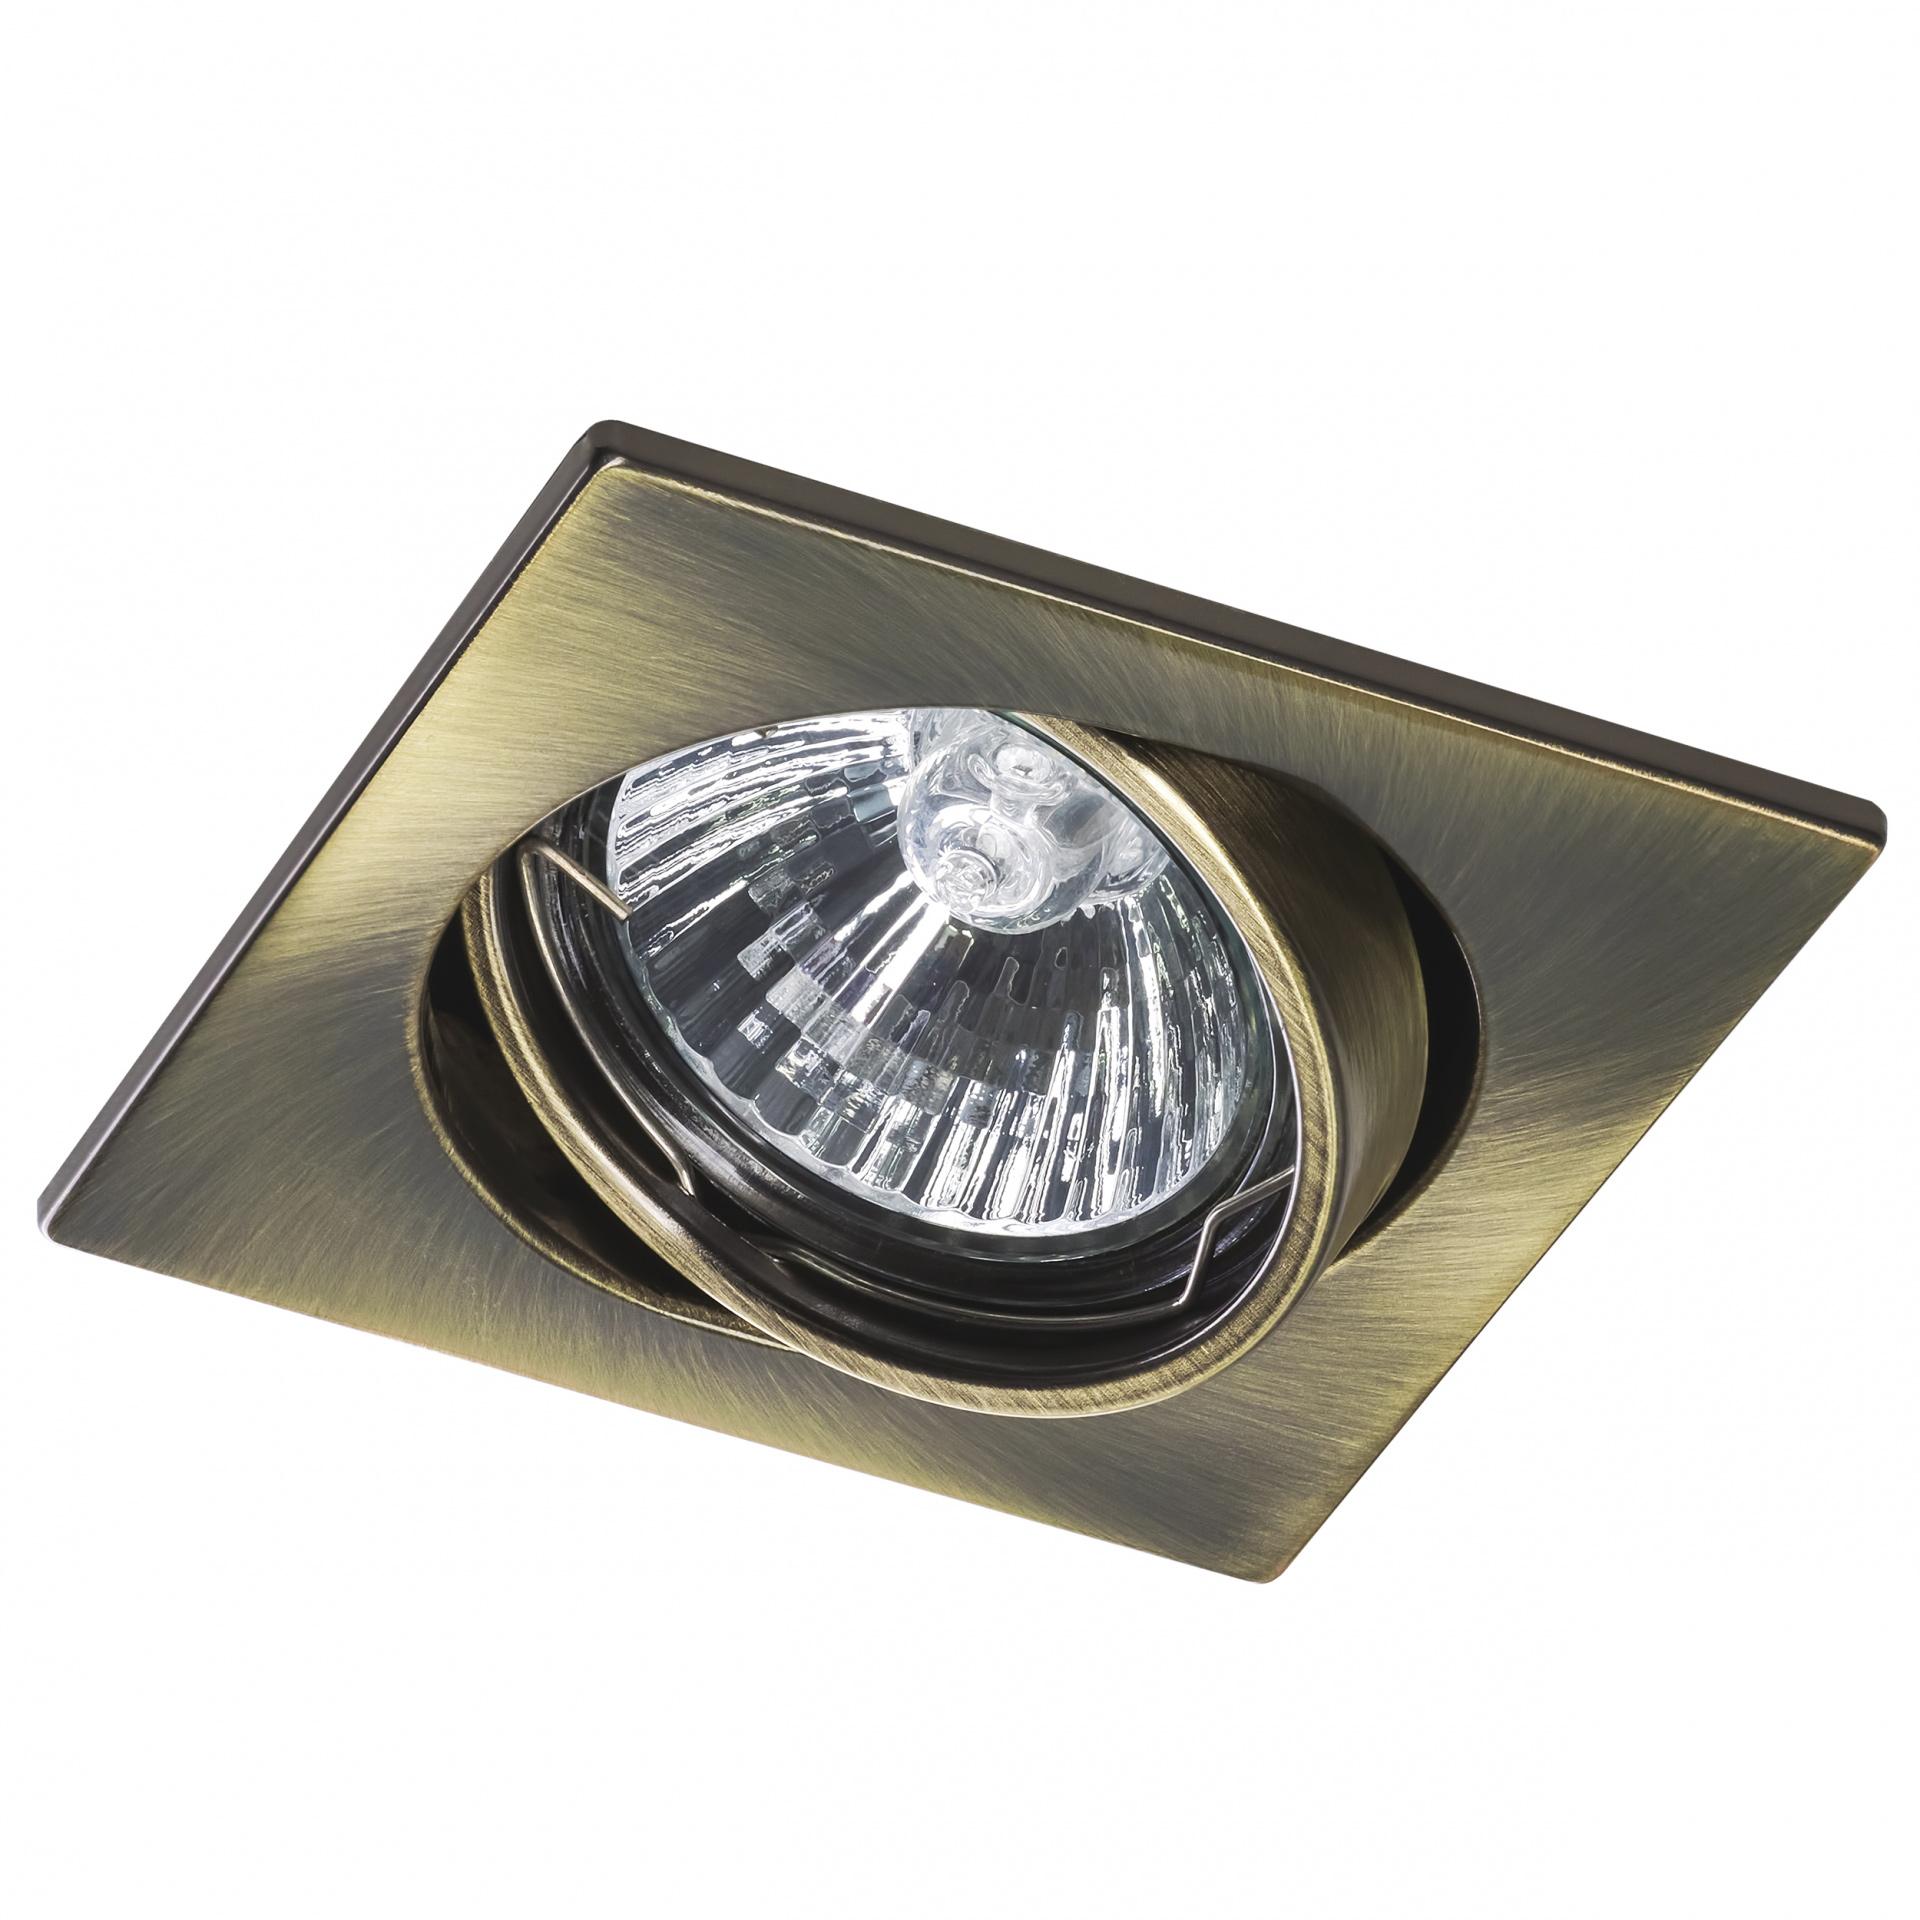 Светильник lega16 qua MR16 / HP16 зеленая бронза Lightstar 011941, купить в СПб, Москве, с доставкой, Санкт-Петербург, интернет-магазин люстр и светильников Starlight, фото в жизни